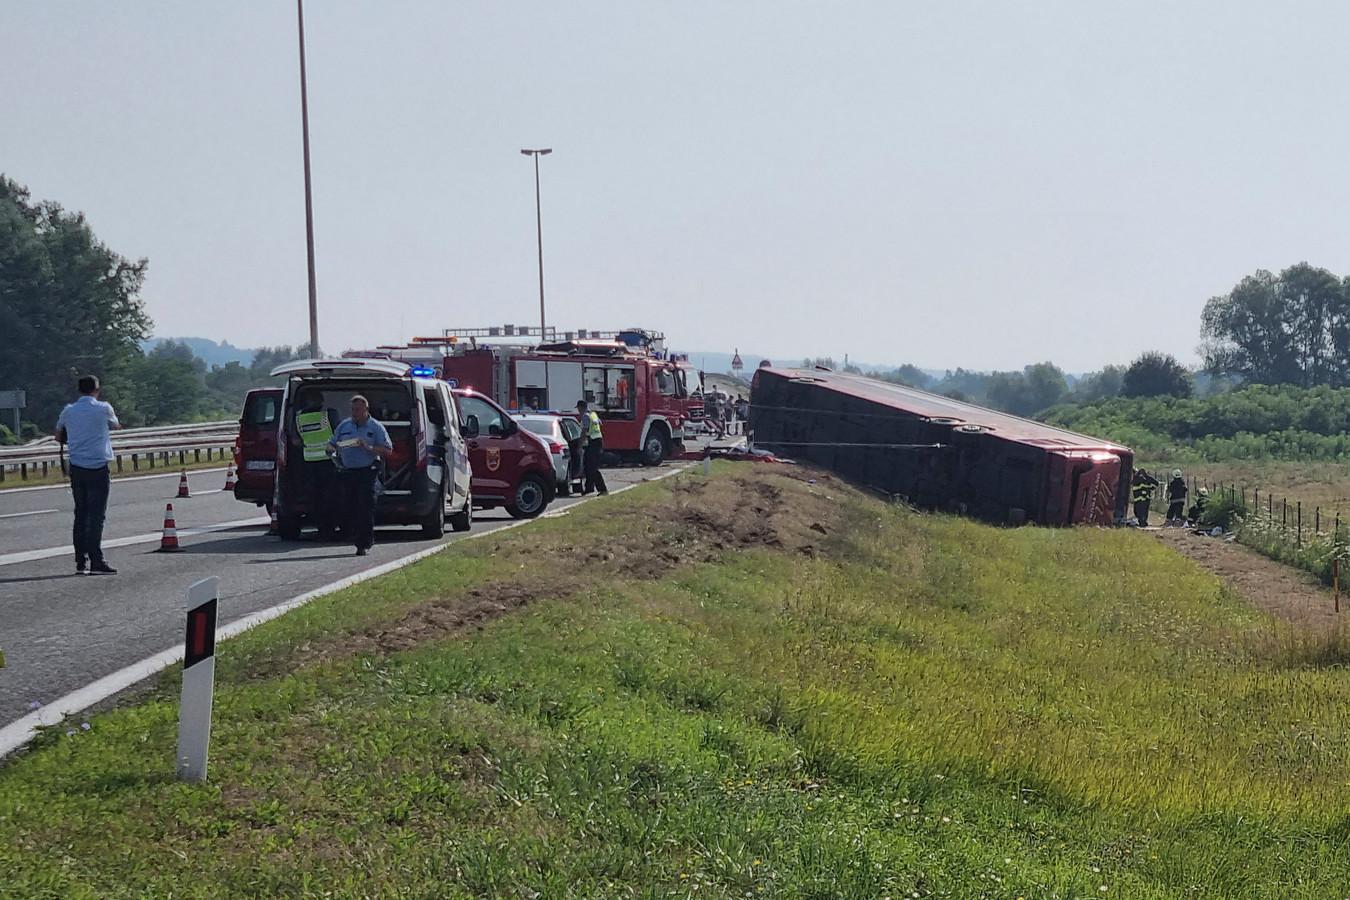 Hulpdiensten aan het werk op de plaats van het busongeluk in de buurt van Slavonski Brod.